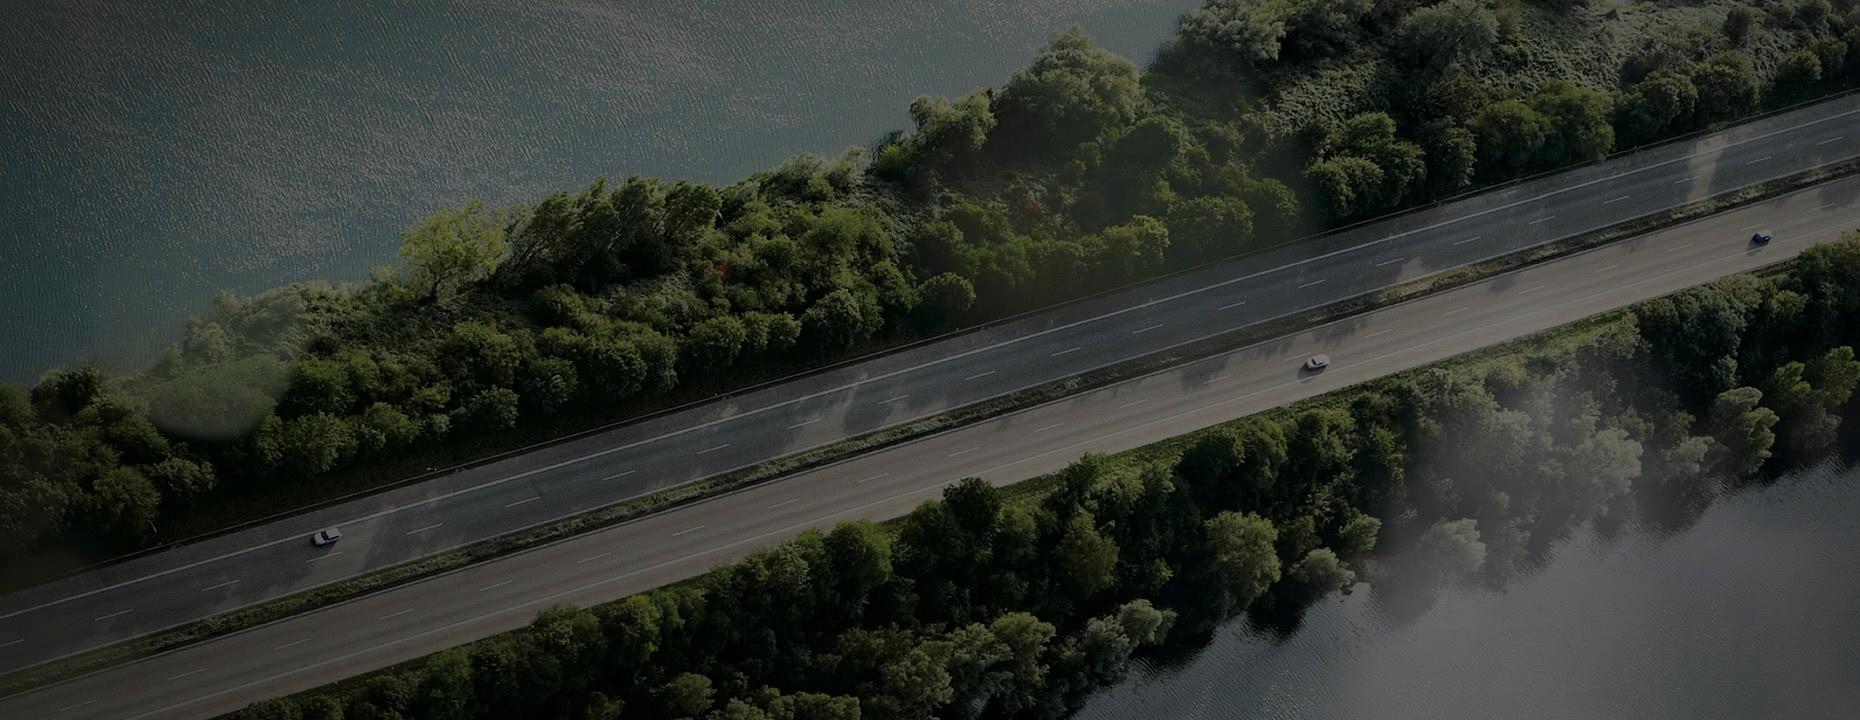 Бестселери Hyundai - за найкращими цінами | Олимп Мотор - фото 10